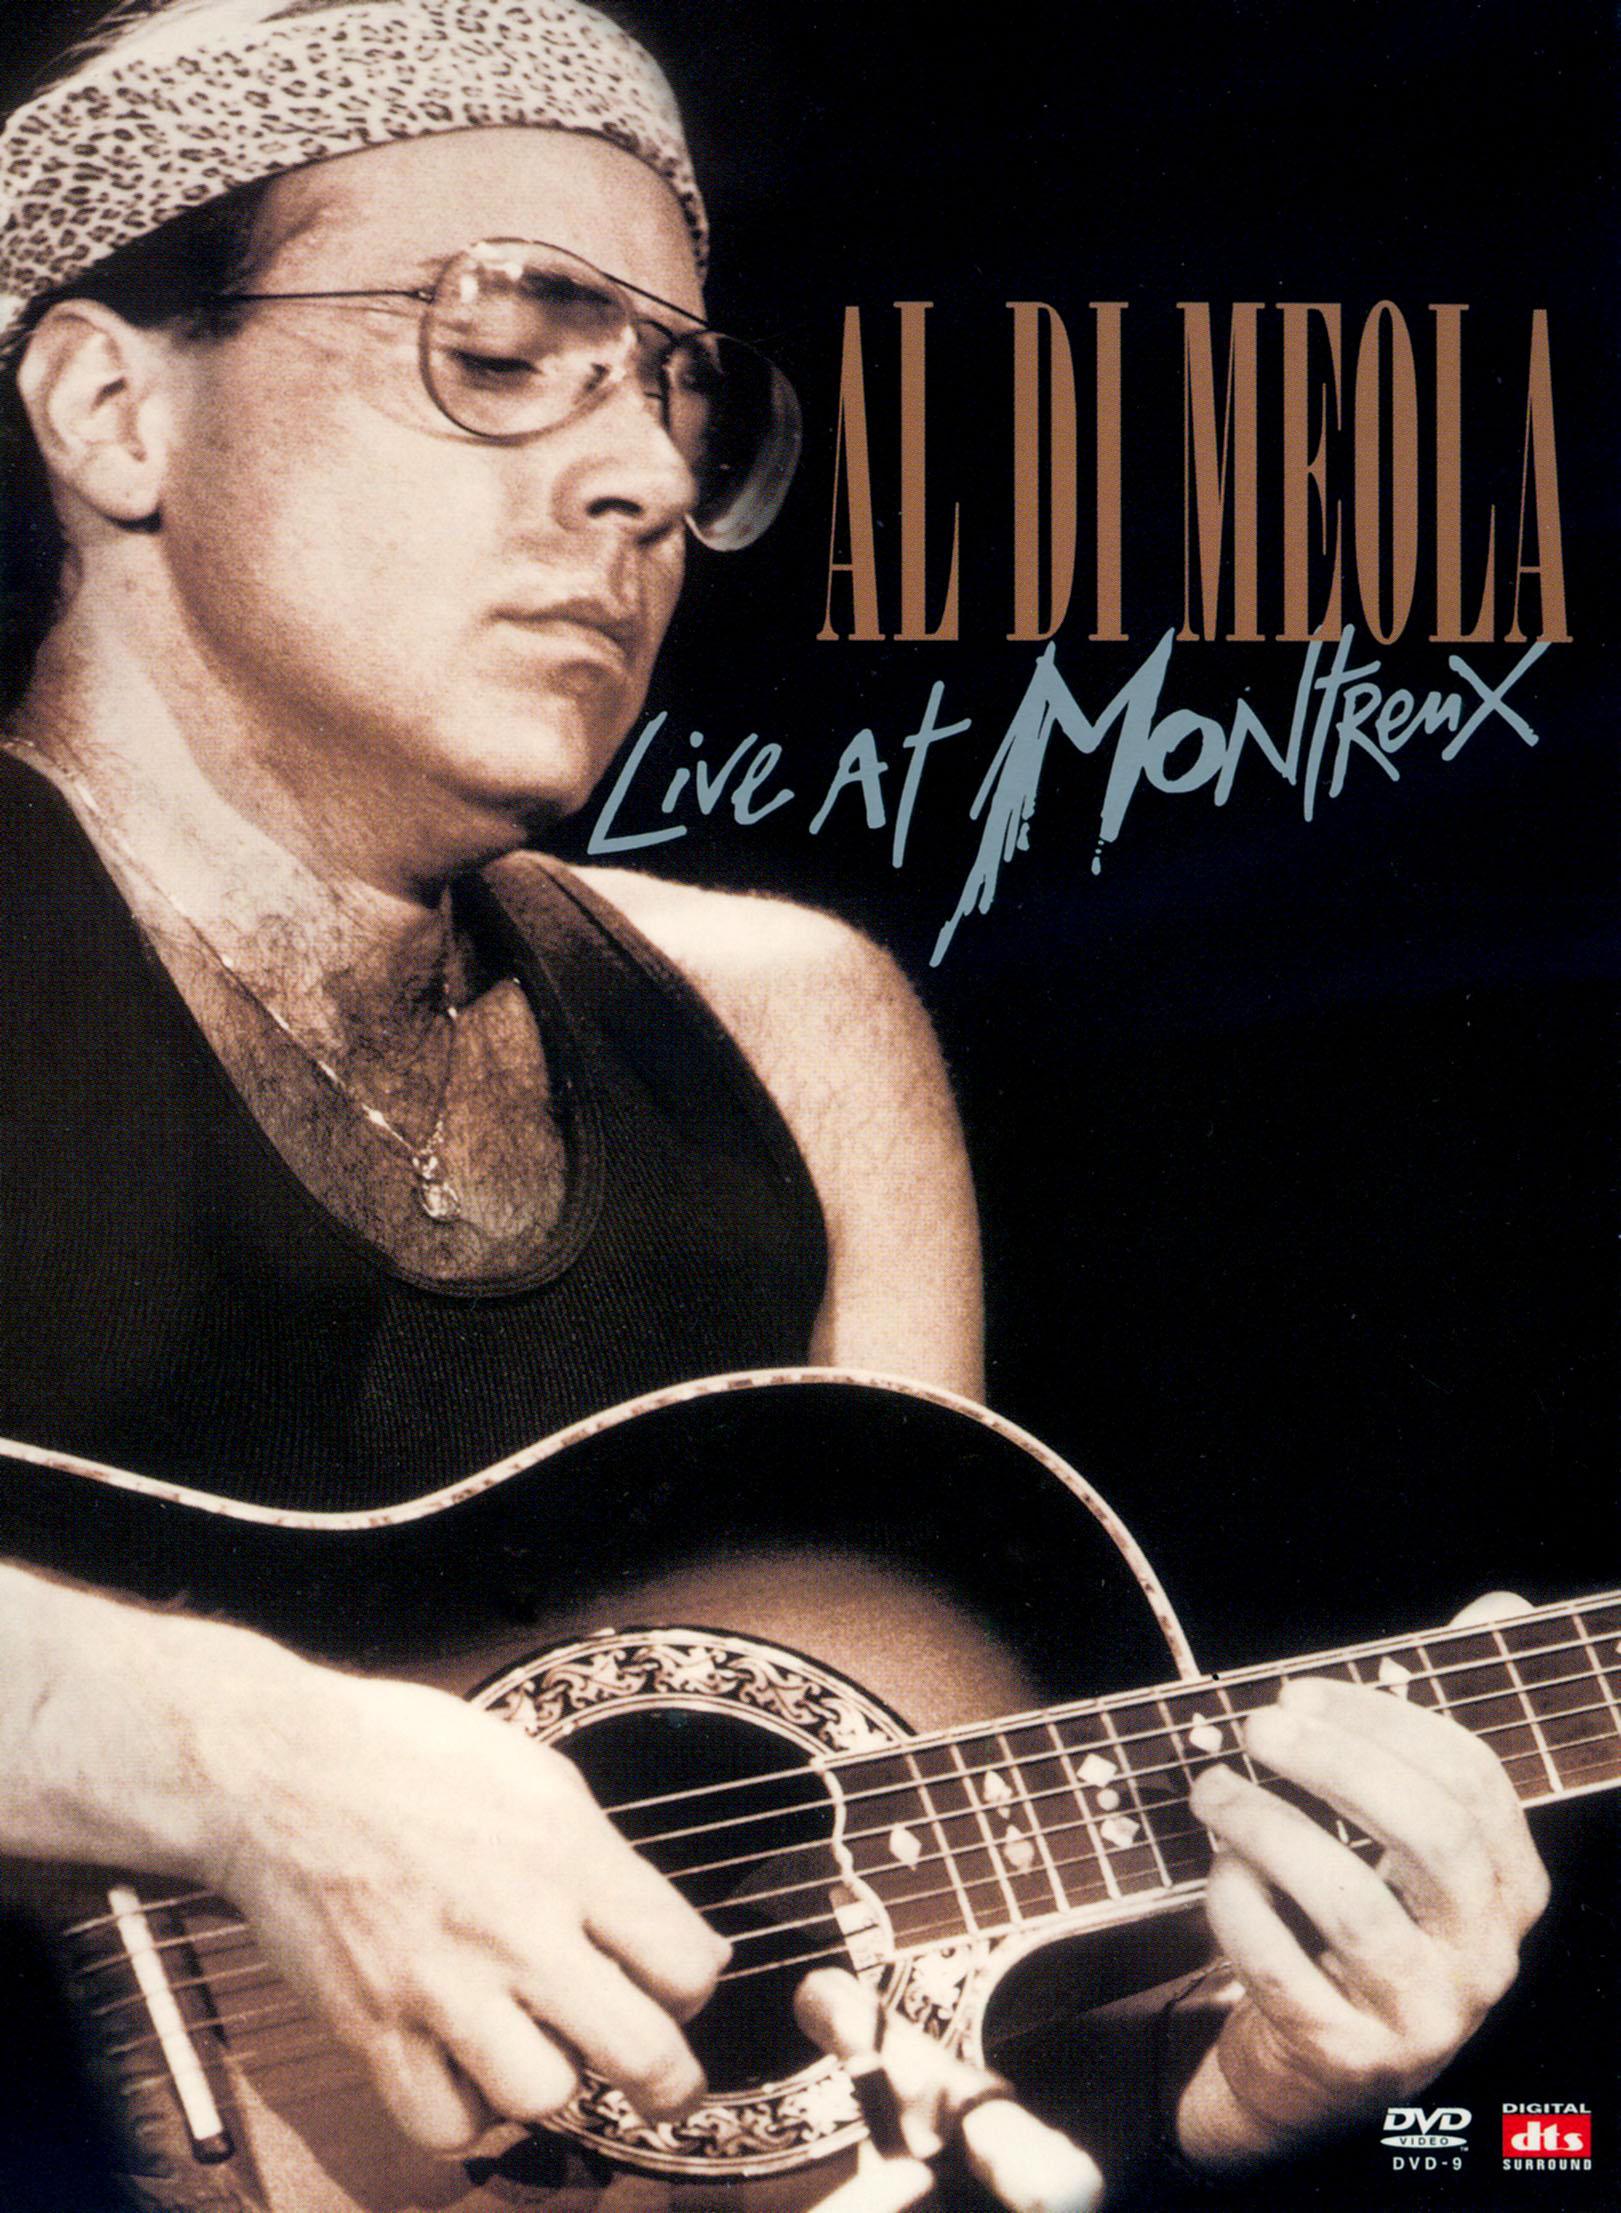 Al Di Meola: Live at Montreux 1986/1993